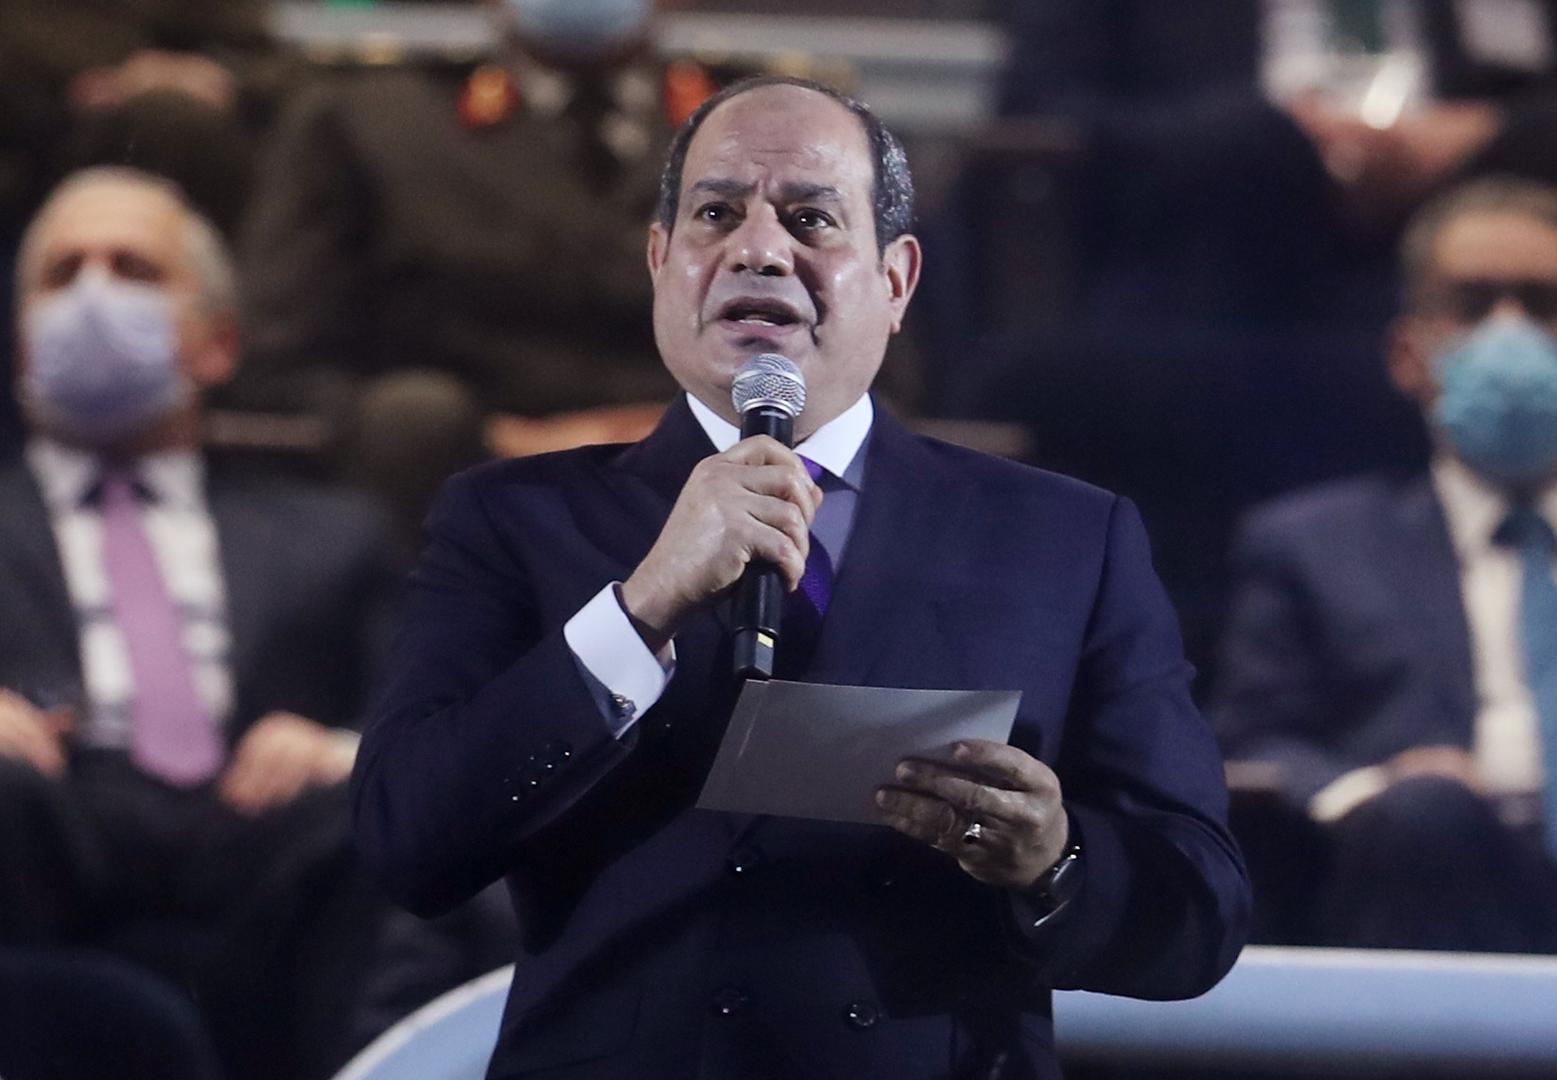 صورة من الأرشيف - الرئيس المصري عبد الفتاح السيسي